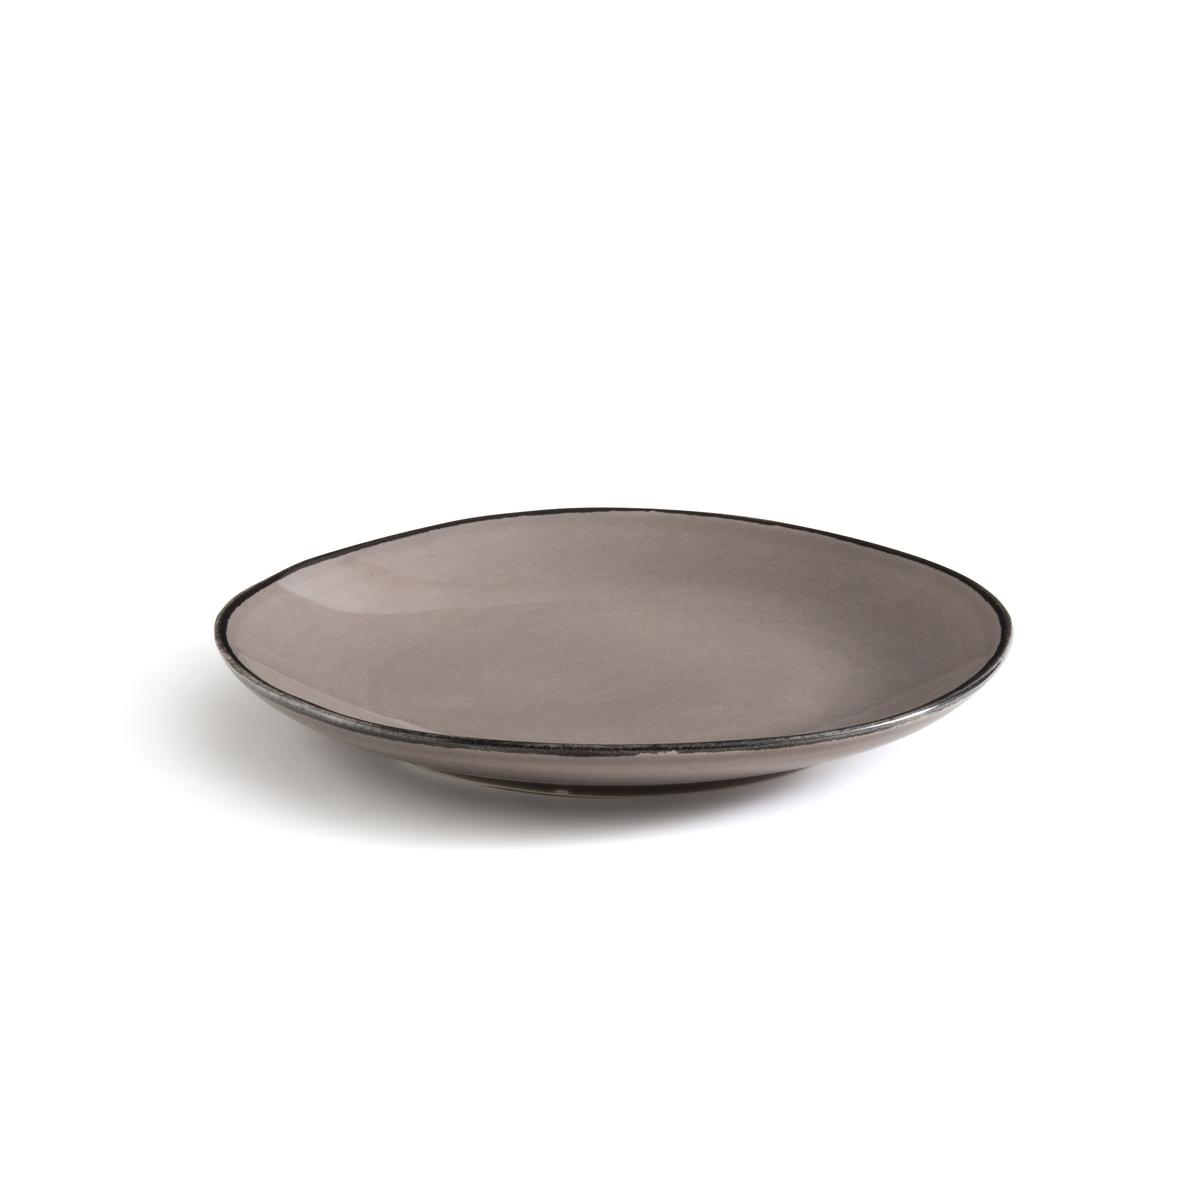 Комплект из 4 десертных тарелок LaRedoute Из фаянса Catalpin единый размер серый комплект из 2 вешалок slofia laredoute из березы единый размер черный